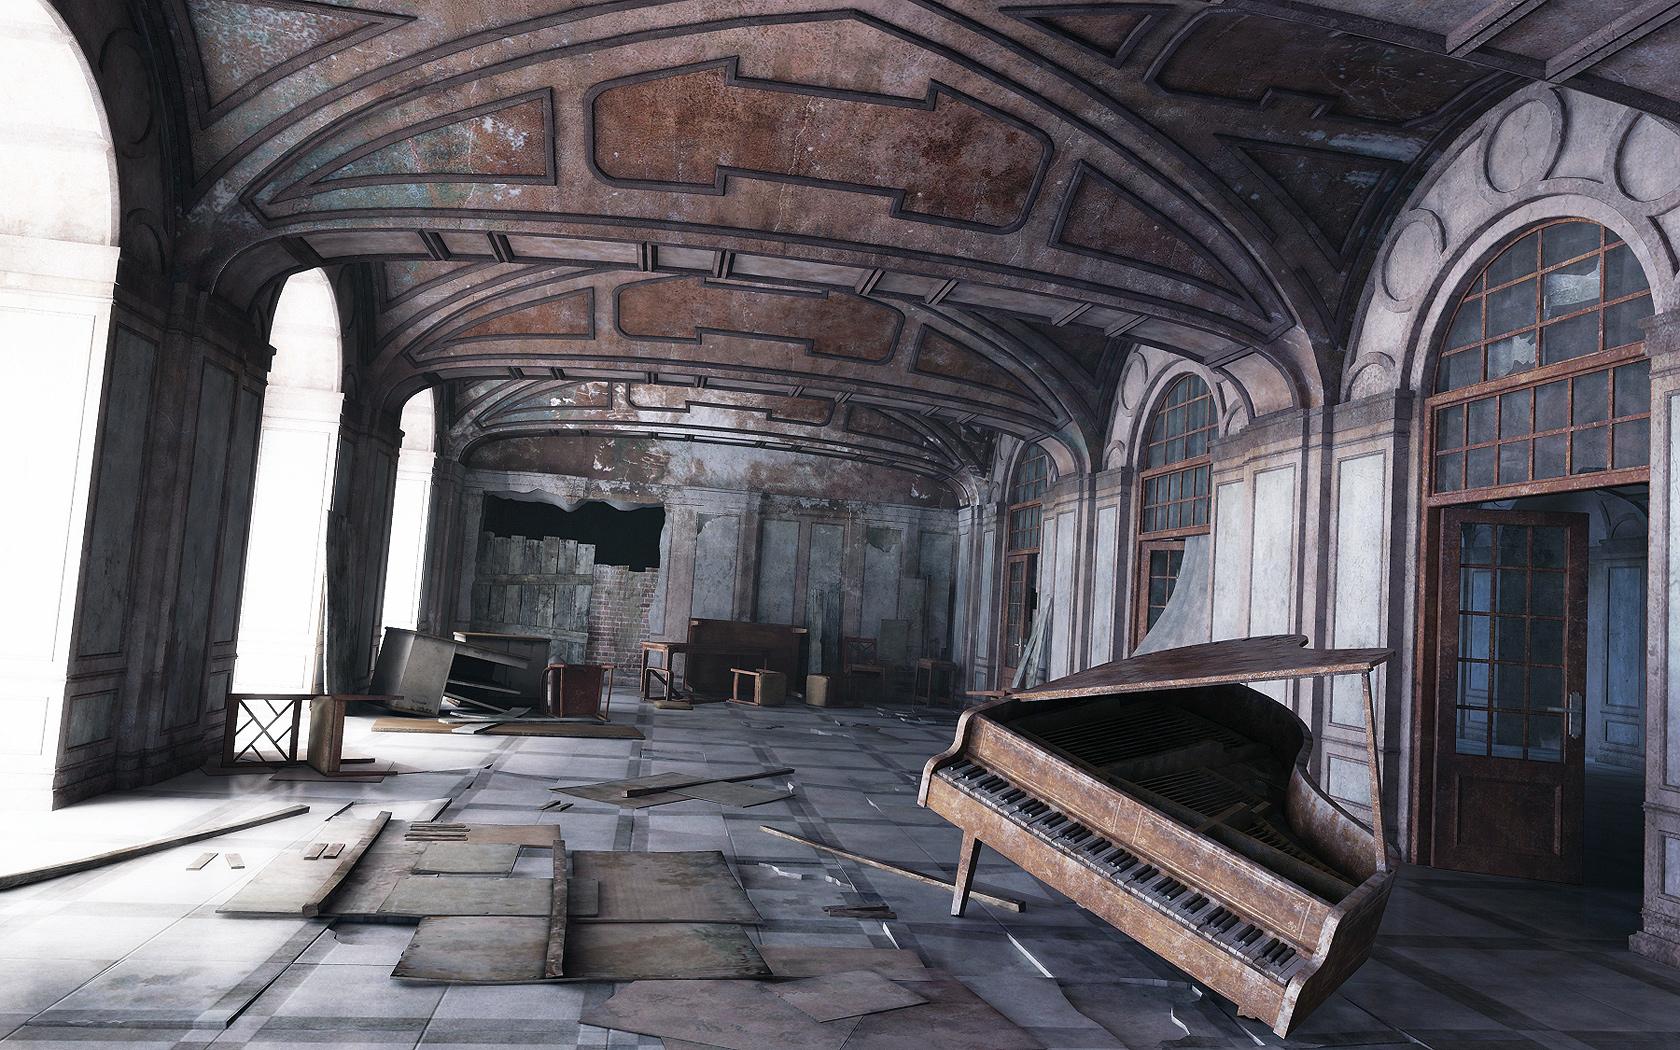 antiguo piano en una vieja habitacion-salon_01_final.jpg